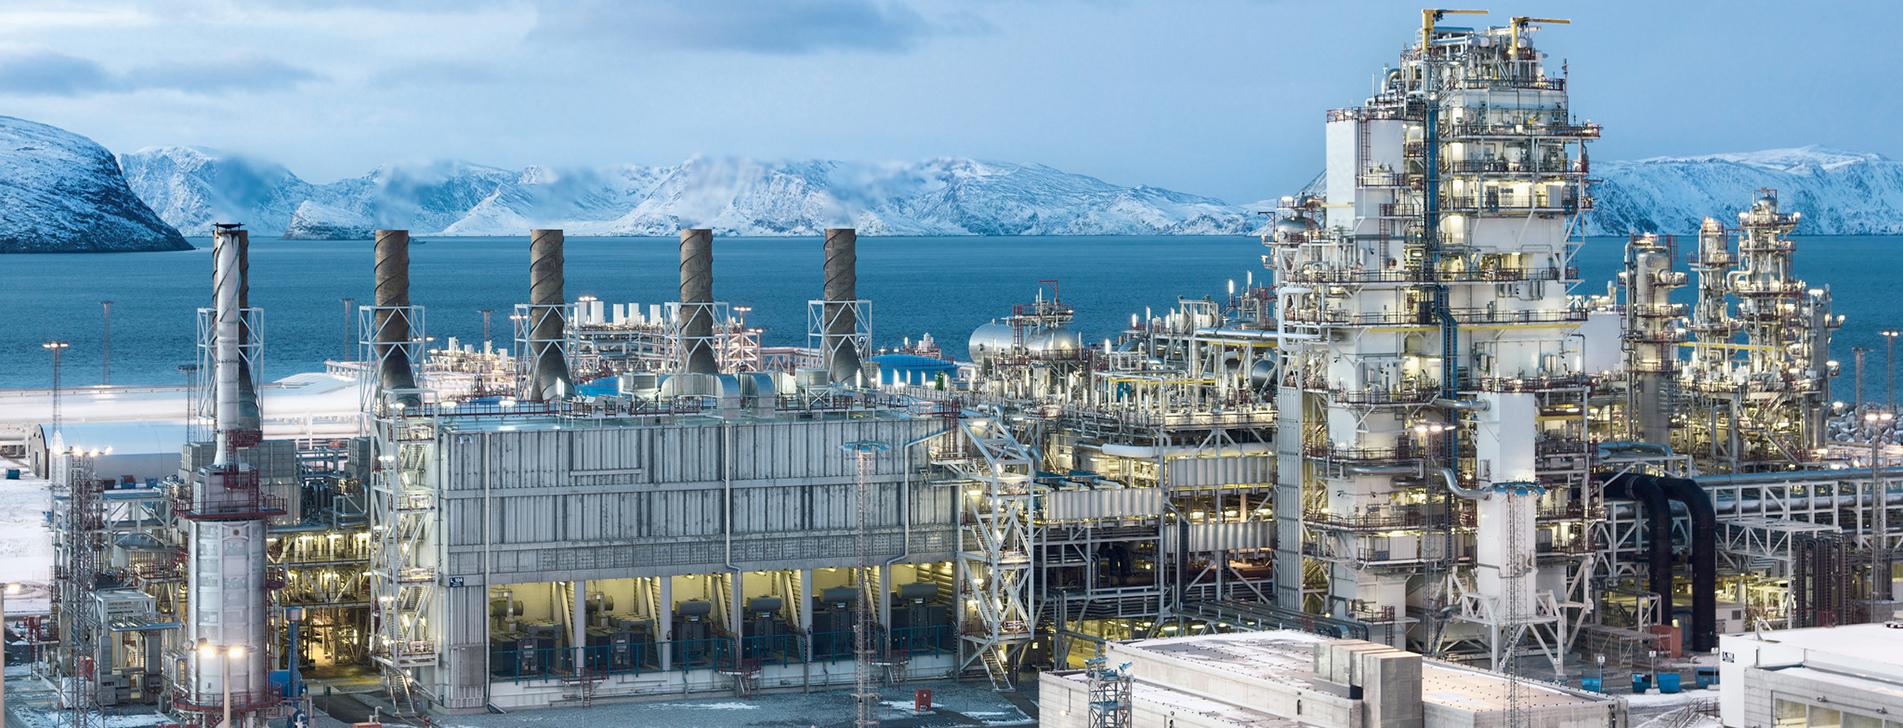 Перевод документации для газохимического комплекса